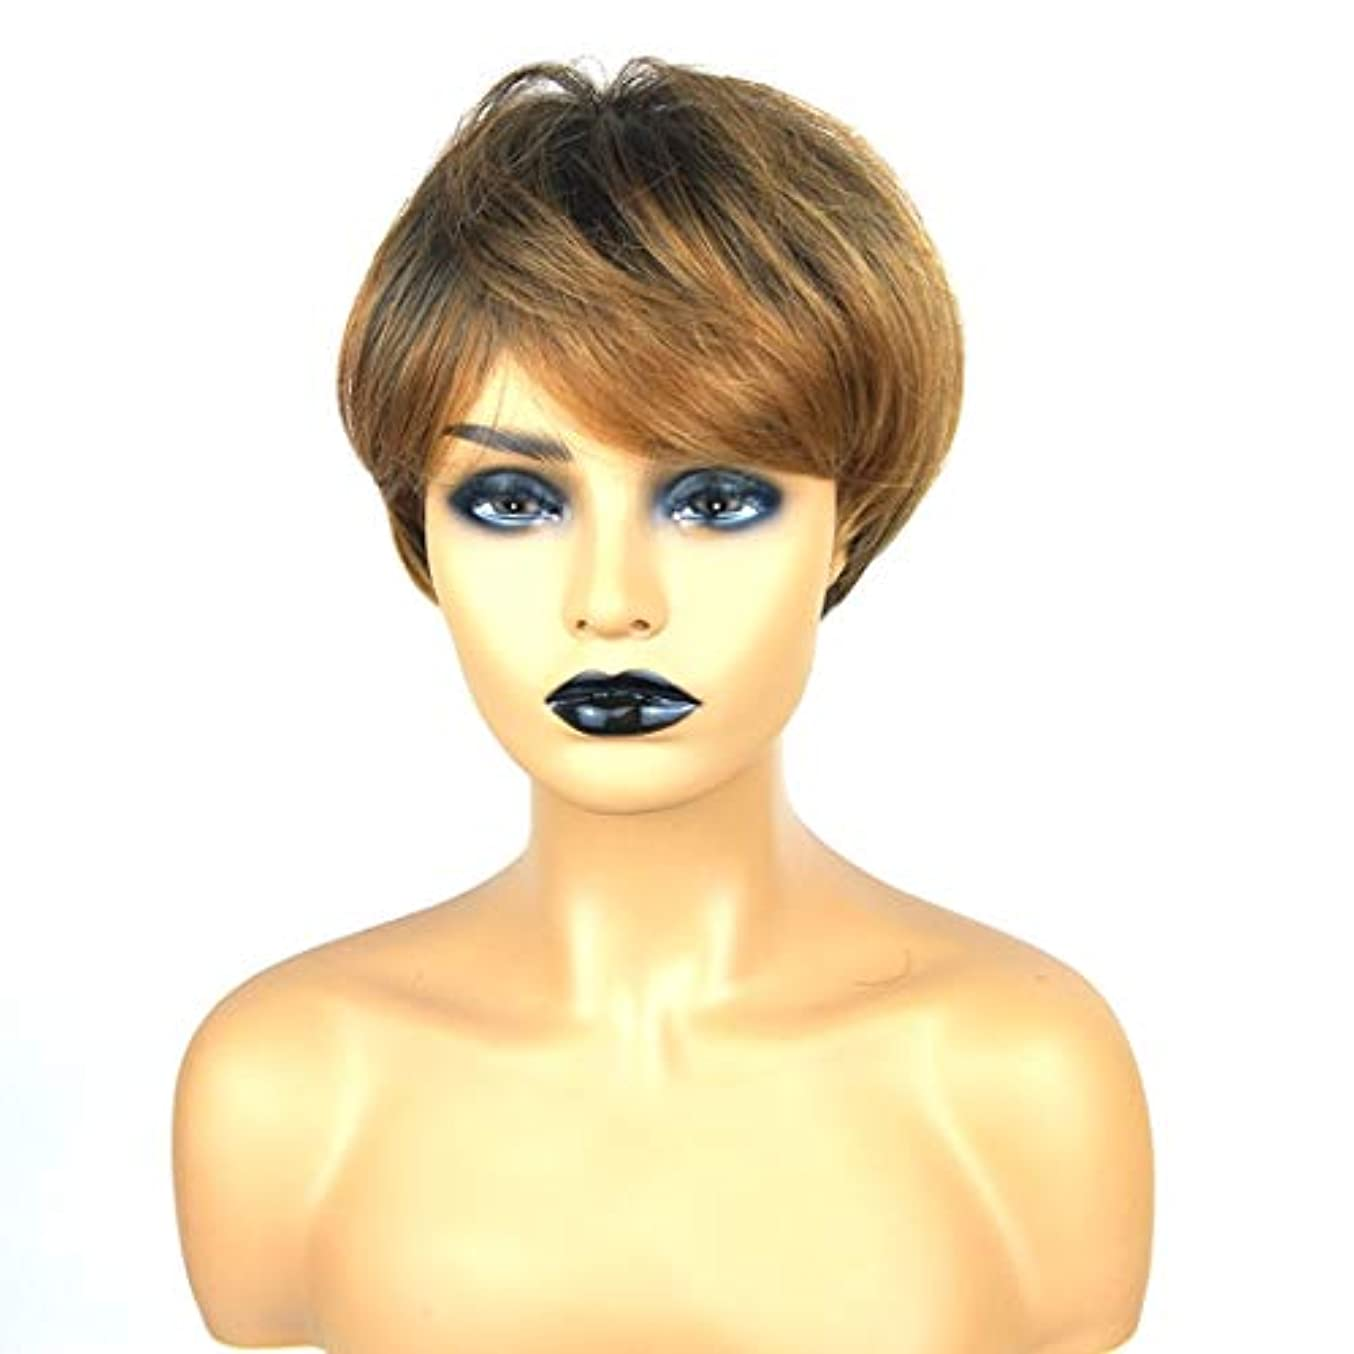 振り向くドラゴンジョージスティーブンソンKerwinner ショートボブの髪の毛のかつら本物の髪として自然な女性のための合成かつらとストレートウィッグ